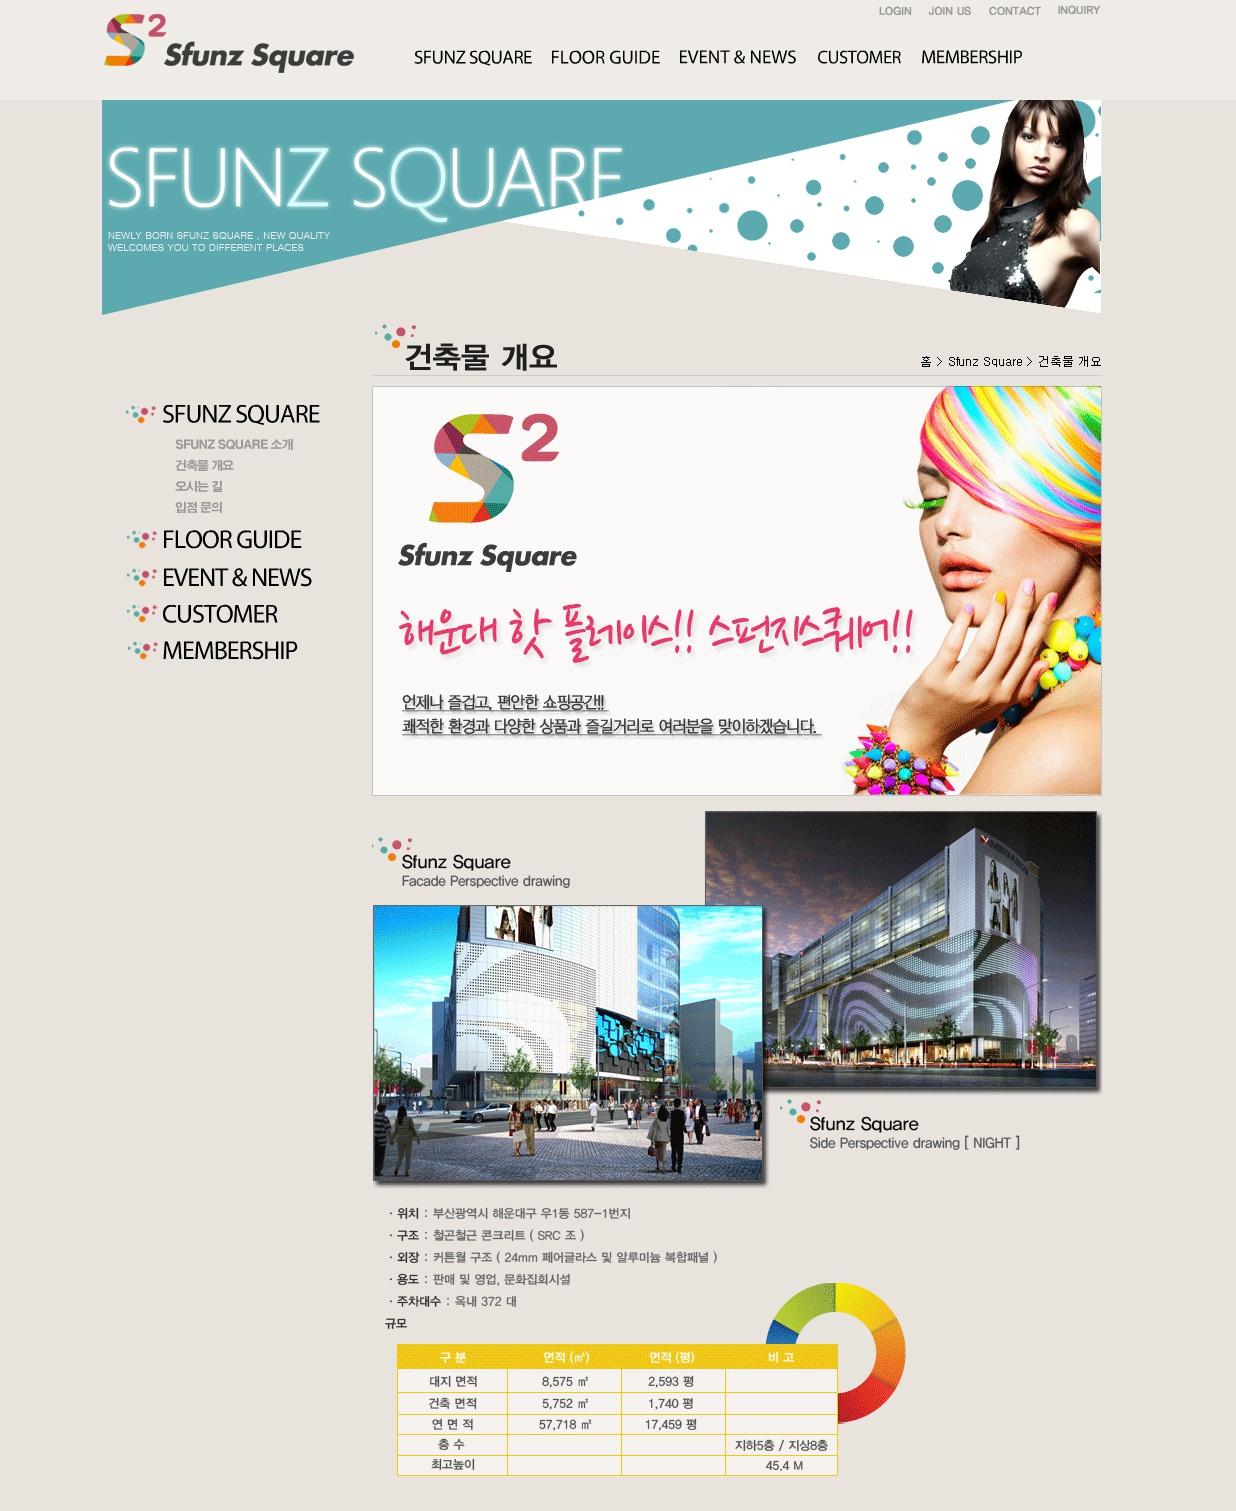 sfunz_com_20161004_173846.jpg